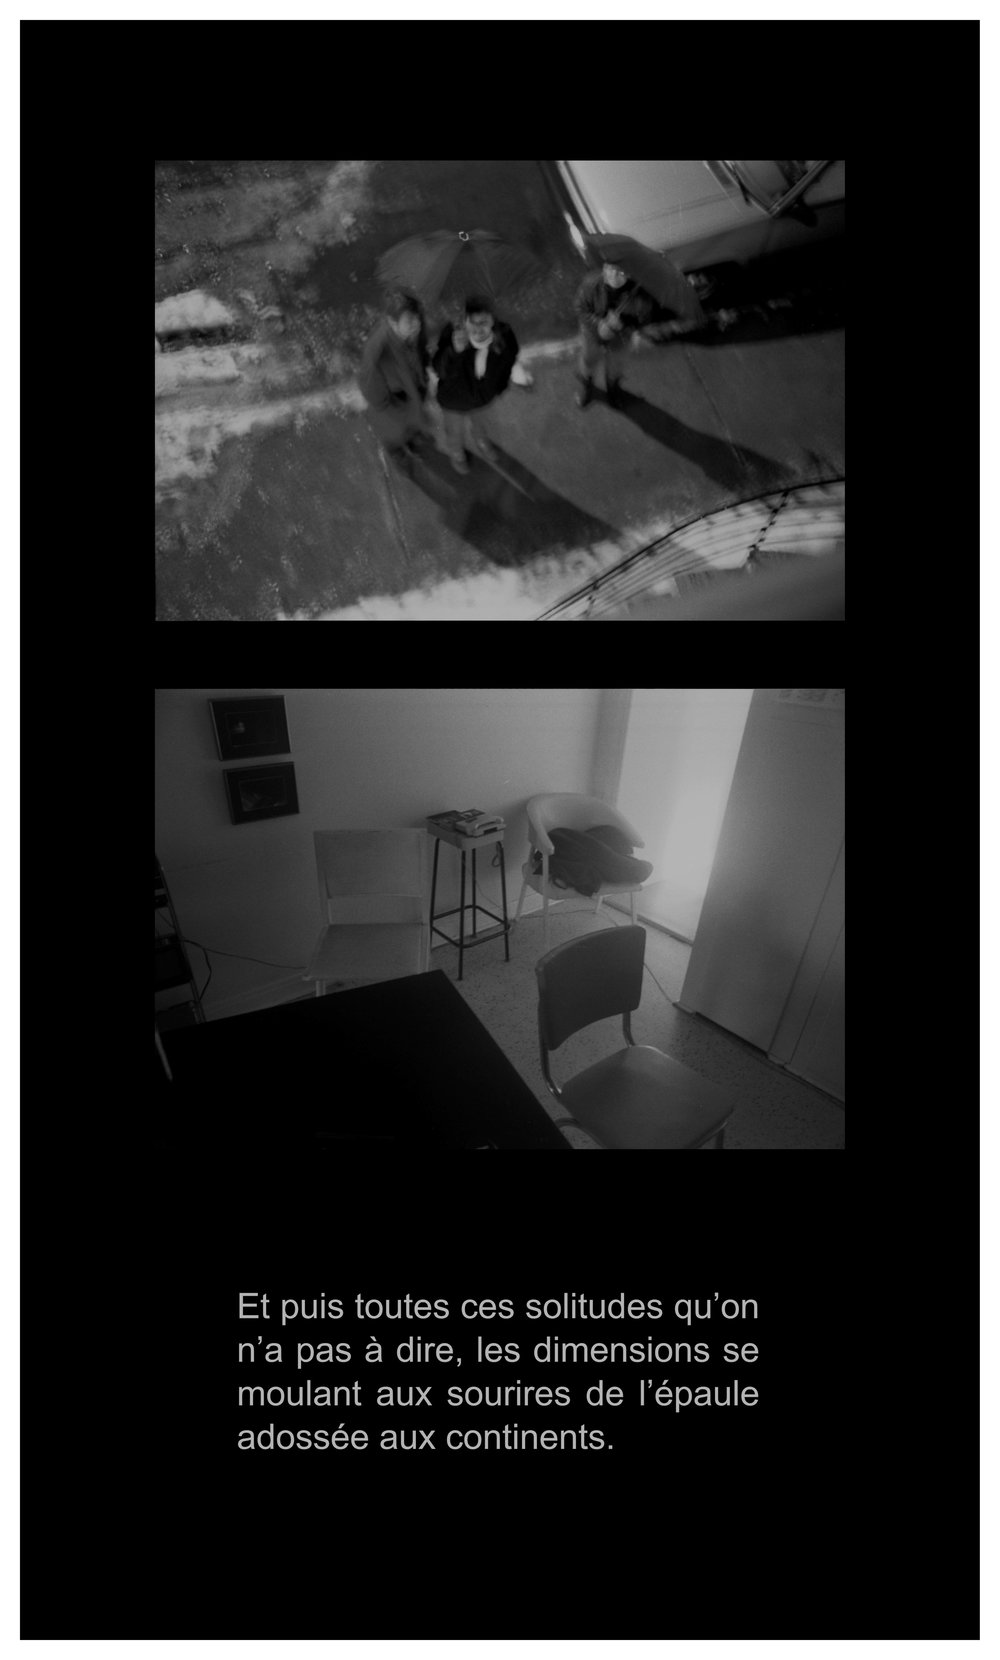 PANO 10.jpg